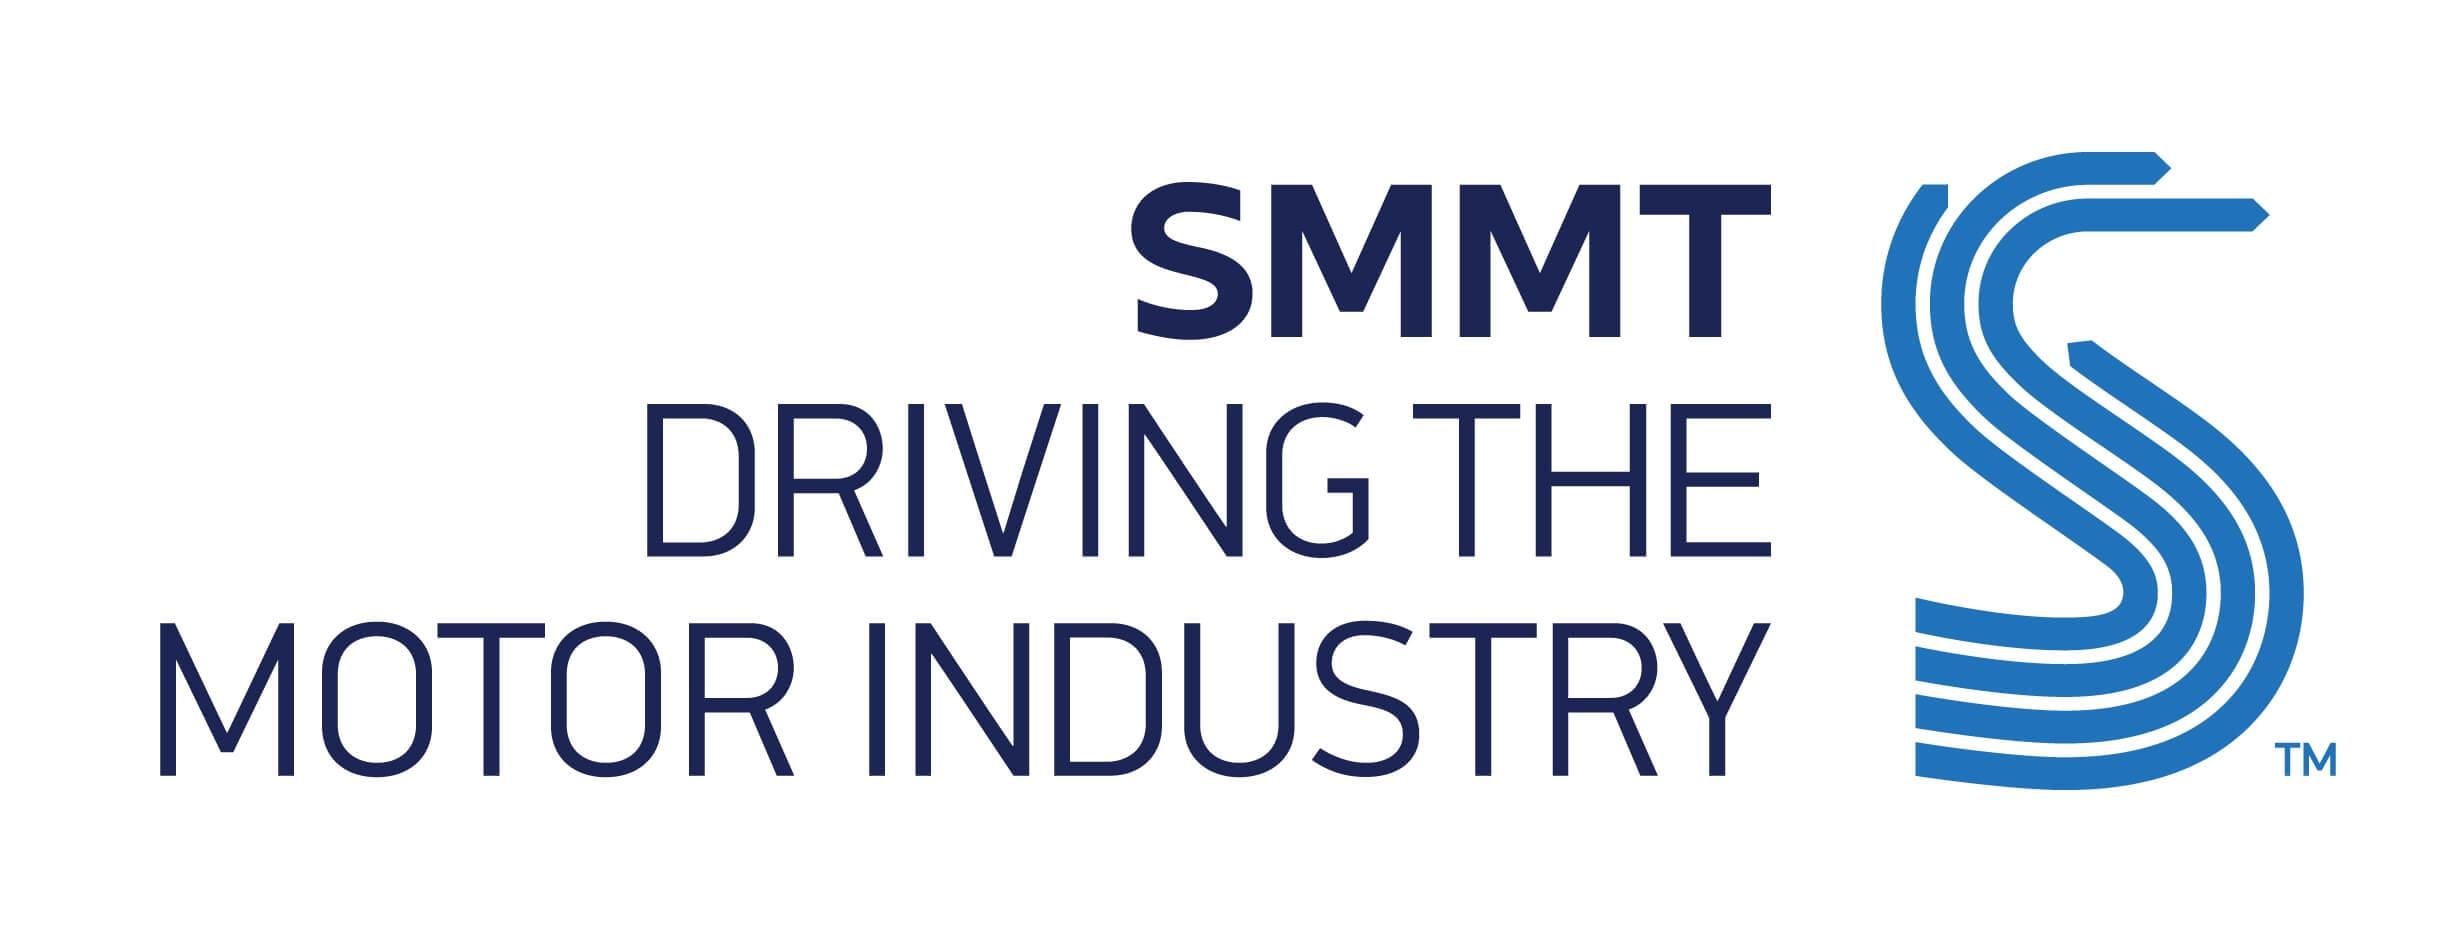 smmt-logo.jpg